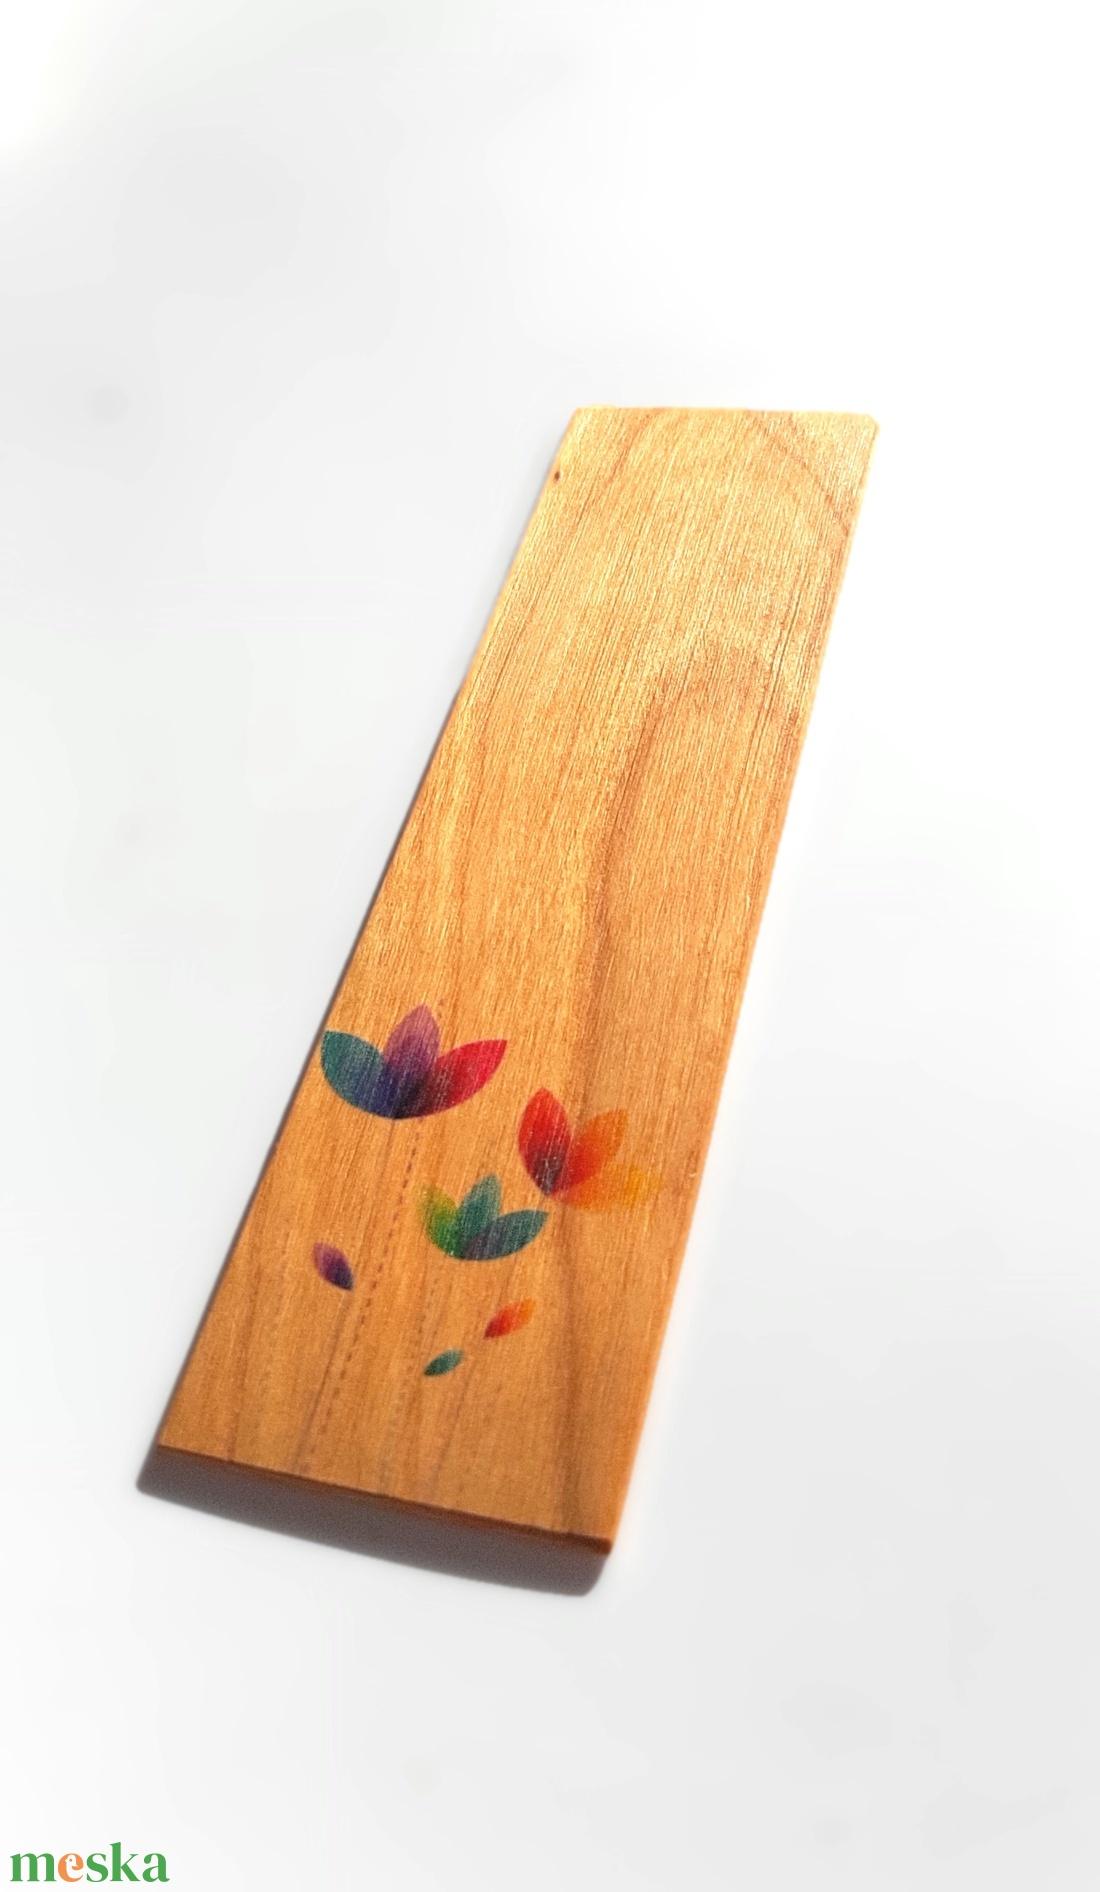 Könyvjelző színes virágmintával cseresznyefából - Meska.hu